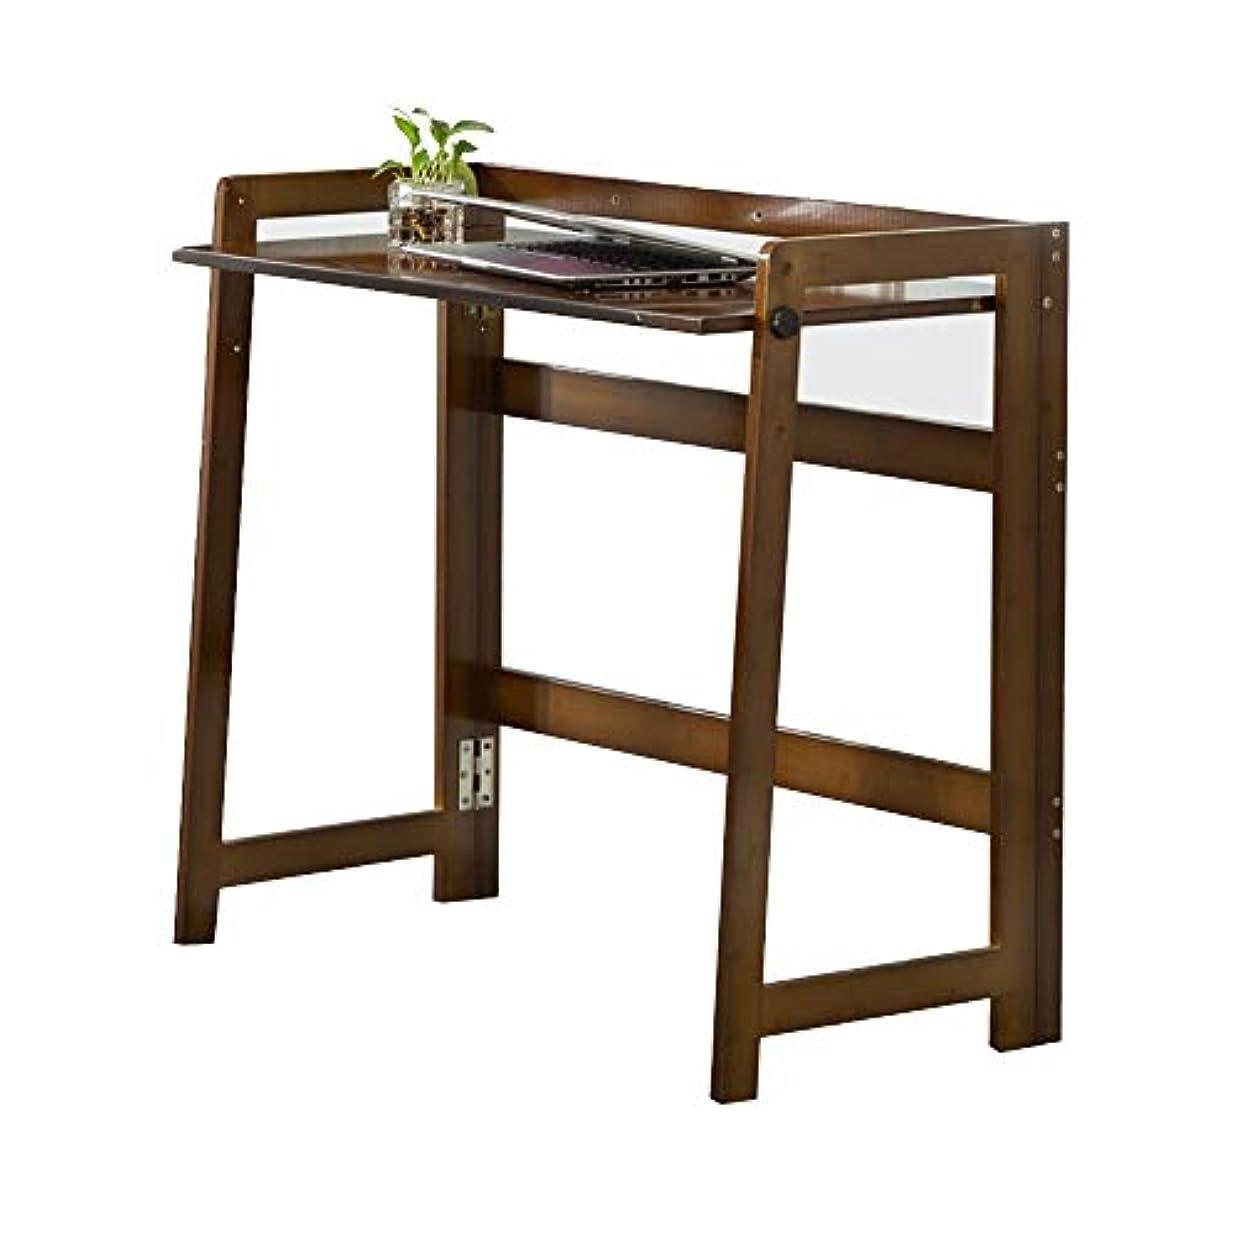 フォーク王族の間でLJHA zhuozi 折りたたみテーブル、卓上折りたたみコンピューターテーブル、トレーニングテーブル、スタンディングデスク、ブックトレイ、ディナートレイ、ブラウン (Size : 84cm)